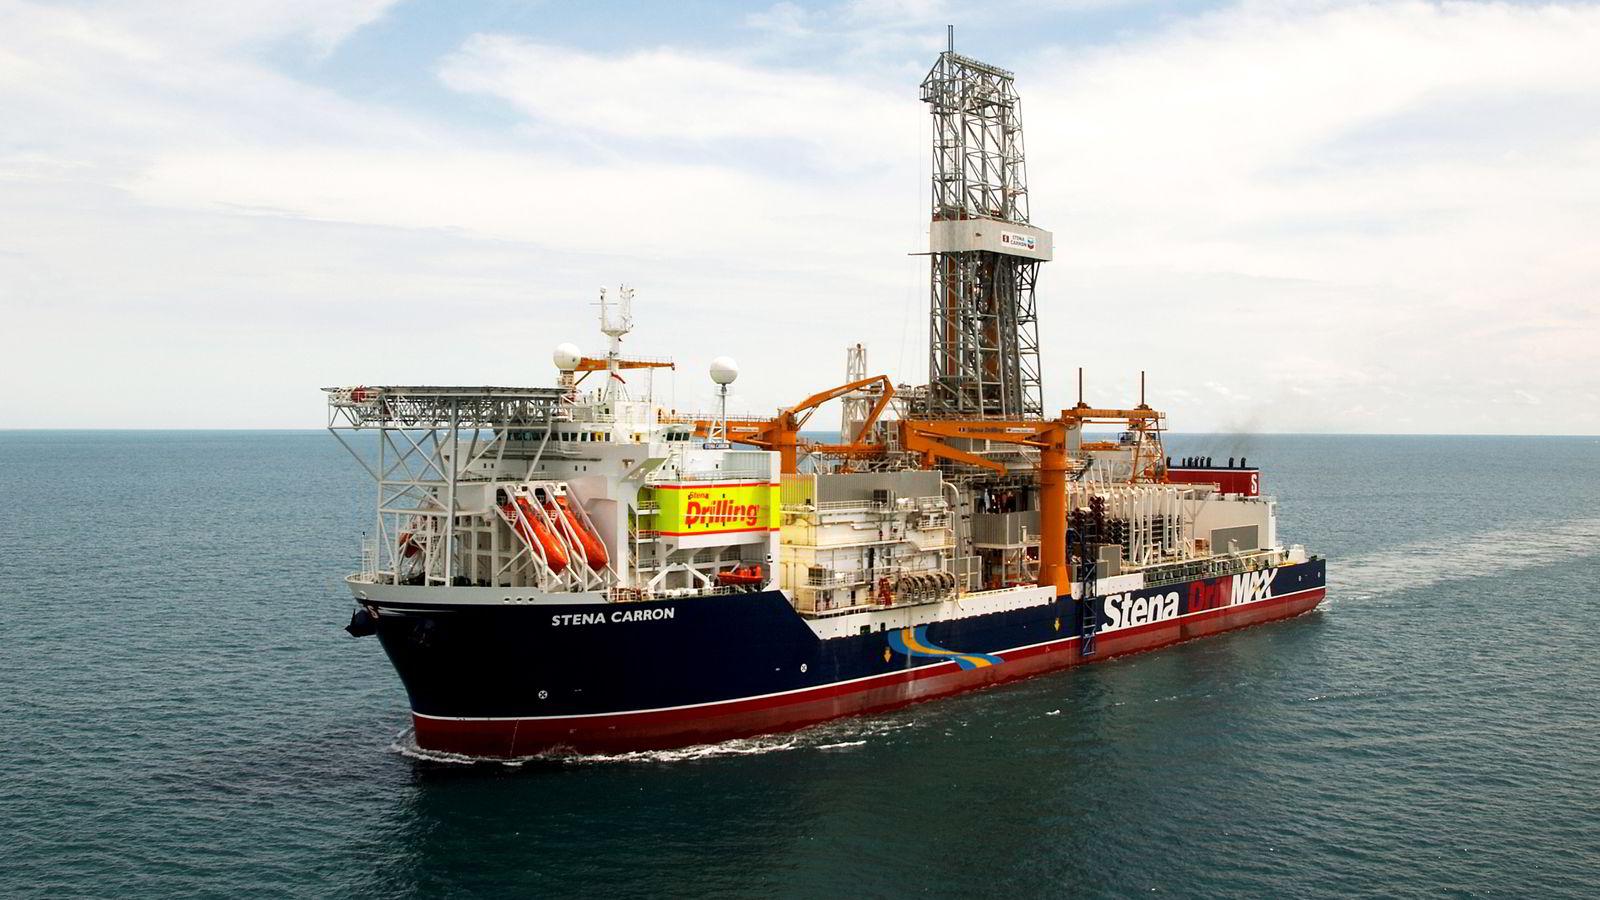 """DYR AFFÆRE. """"Stena Carron"""" kostet 680 millioner dollar å bygge da boreskipet var ferdig i 2008. Nå kansellerer Statoil en langsiktig borekontrakt og tar tap tilsvarende halve byggekostnaden."""